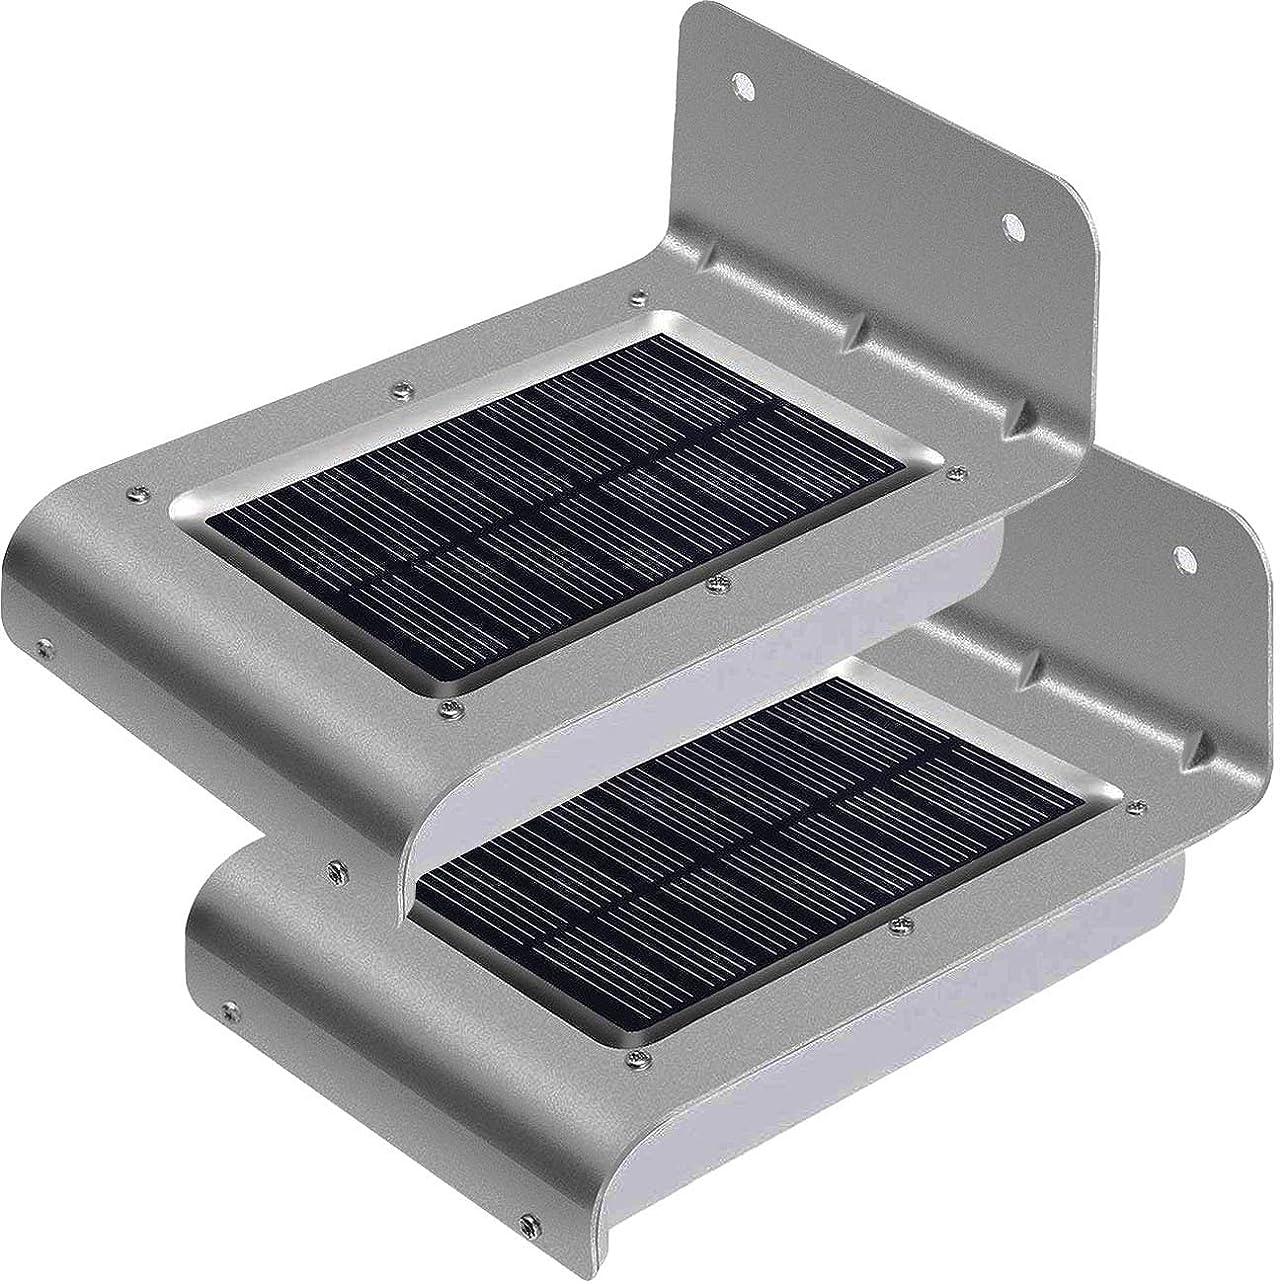 限り試み器用2本 センサーライト 屋外 ソーラーライト LED防犯 人感 防水 屋外照明 180°照明範囲 太陽光発電 庭 玄関 駐車場 通路 ガーデンライト 大活躍